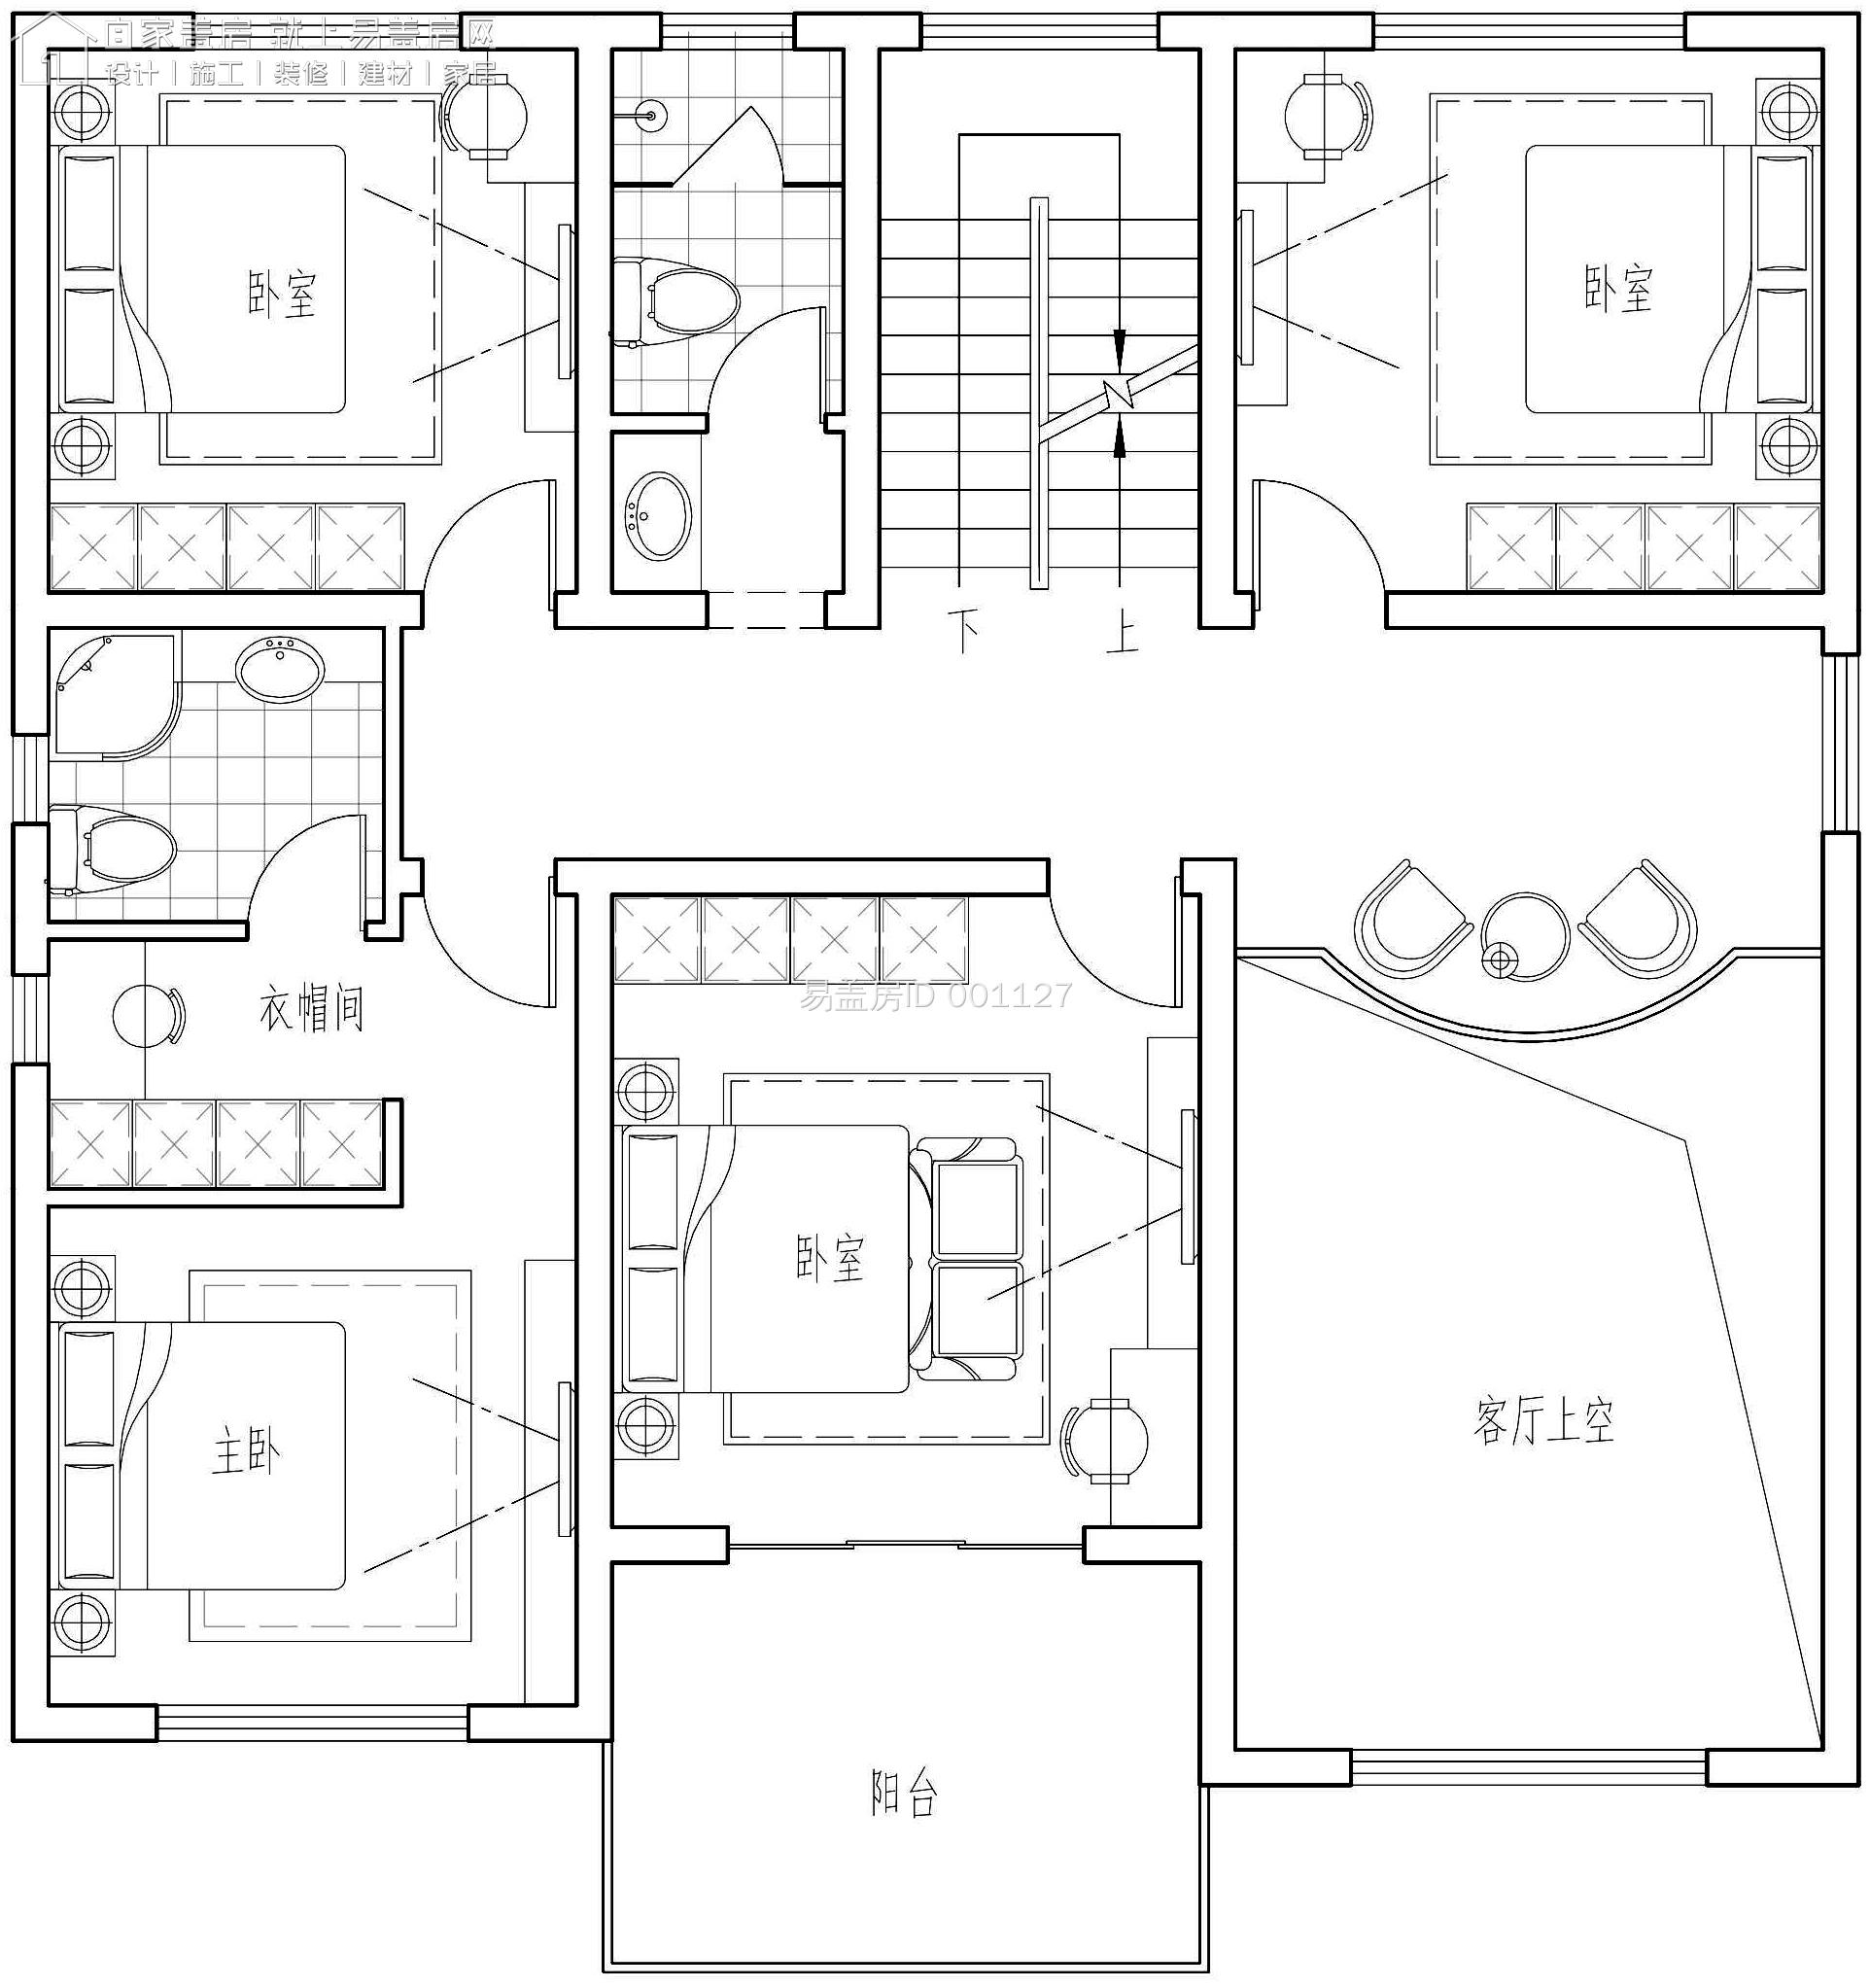 平面图(1)(1)_01.jpg